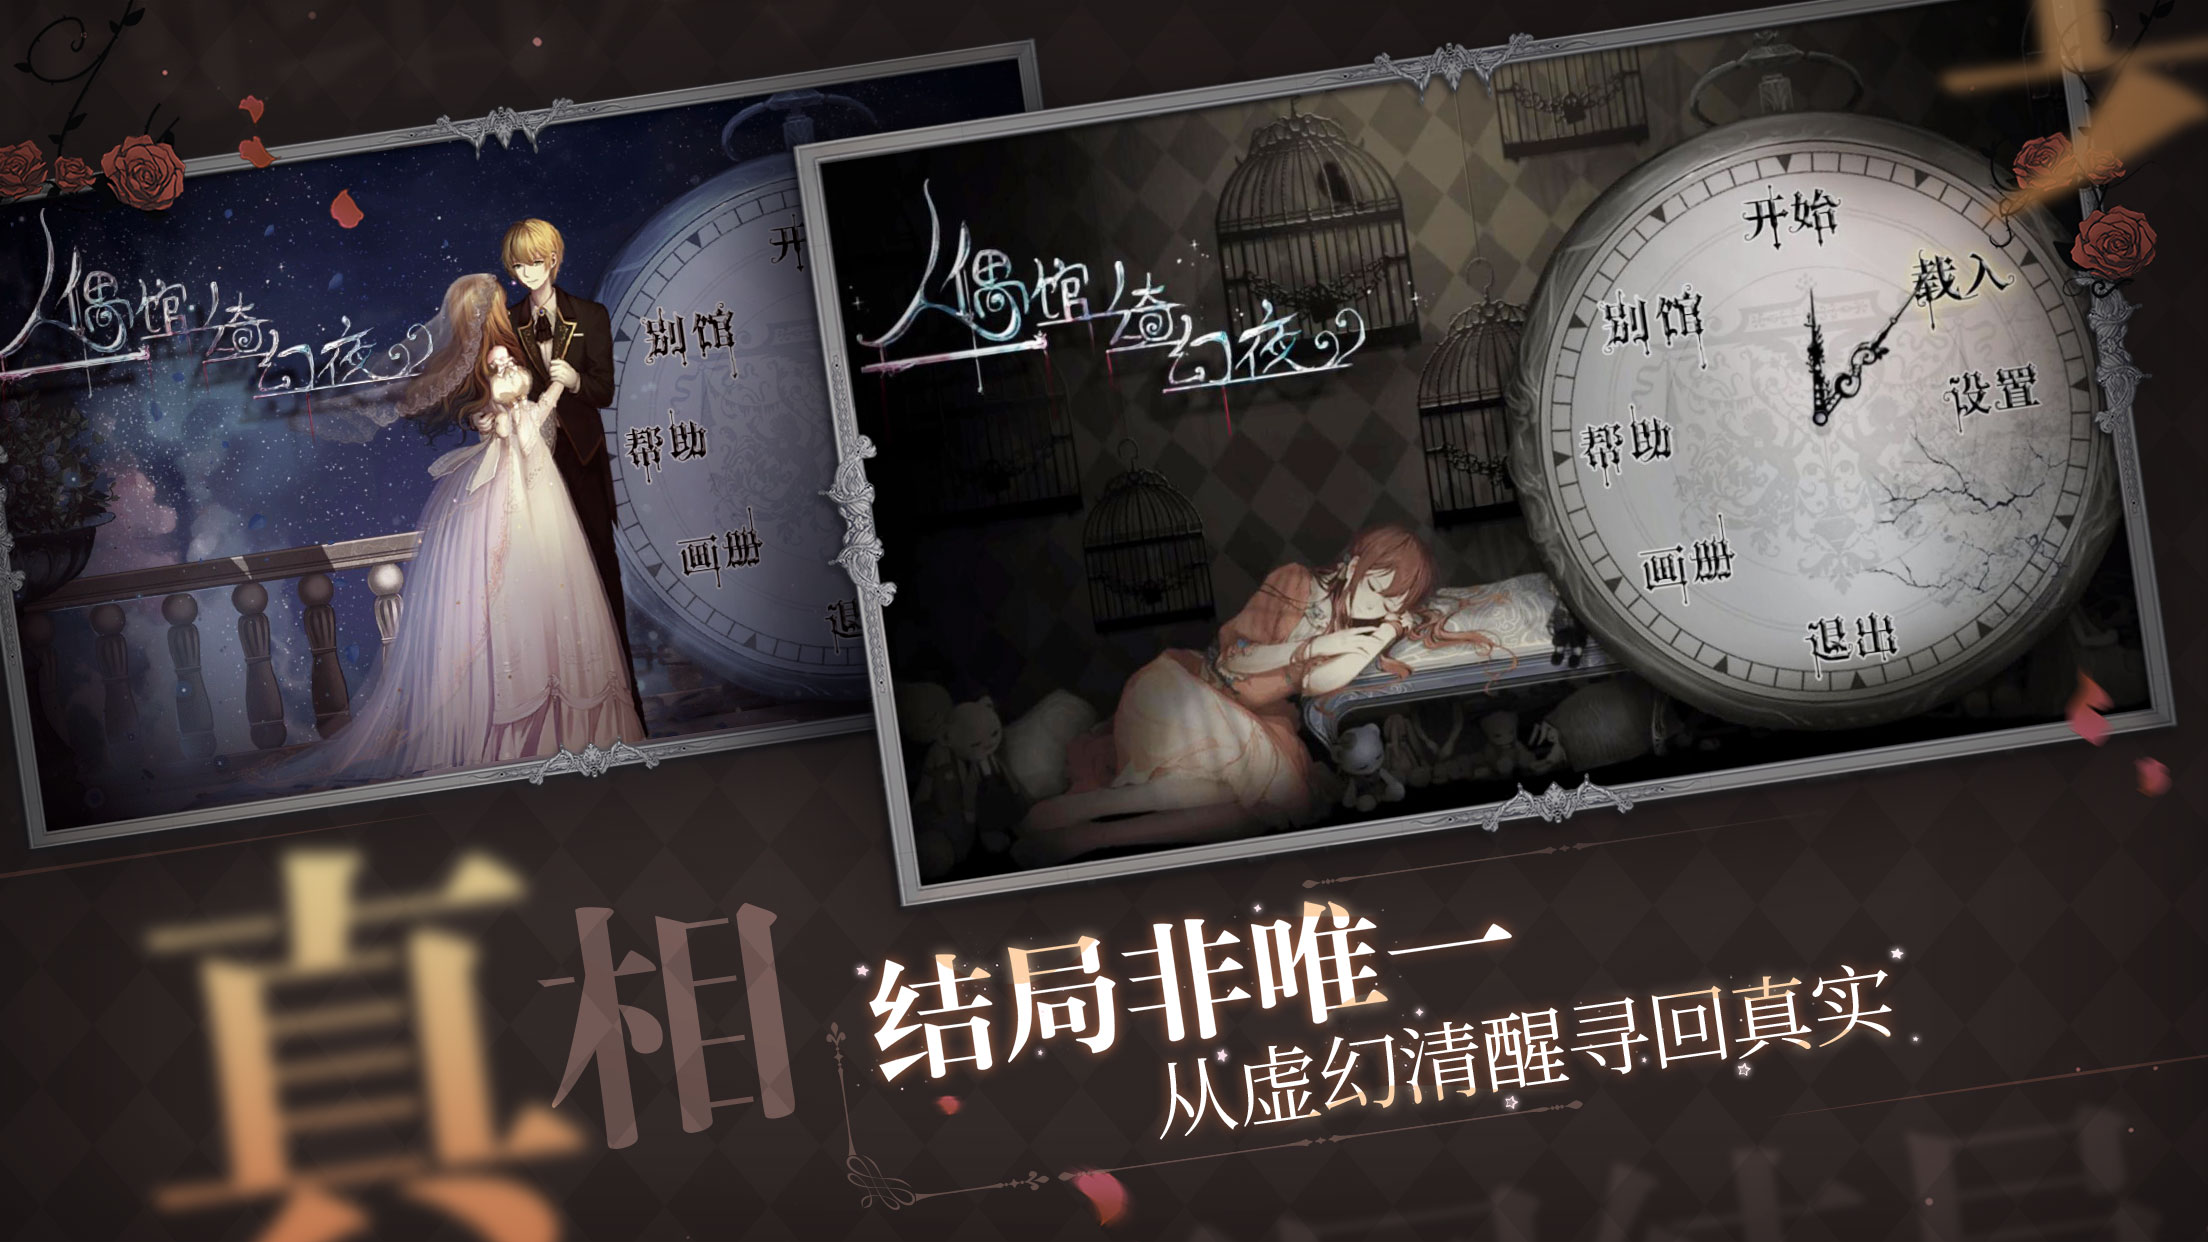 Screenshot 4: 人偶馆绮幻夜